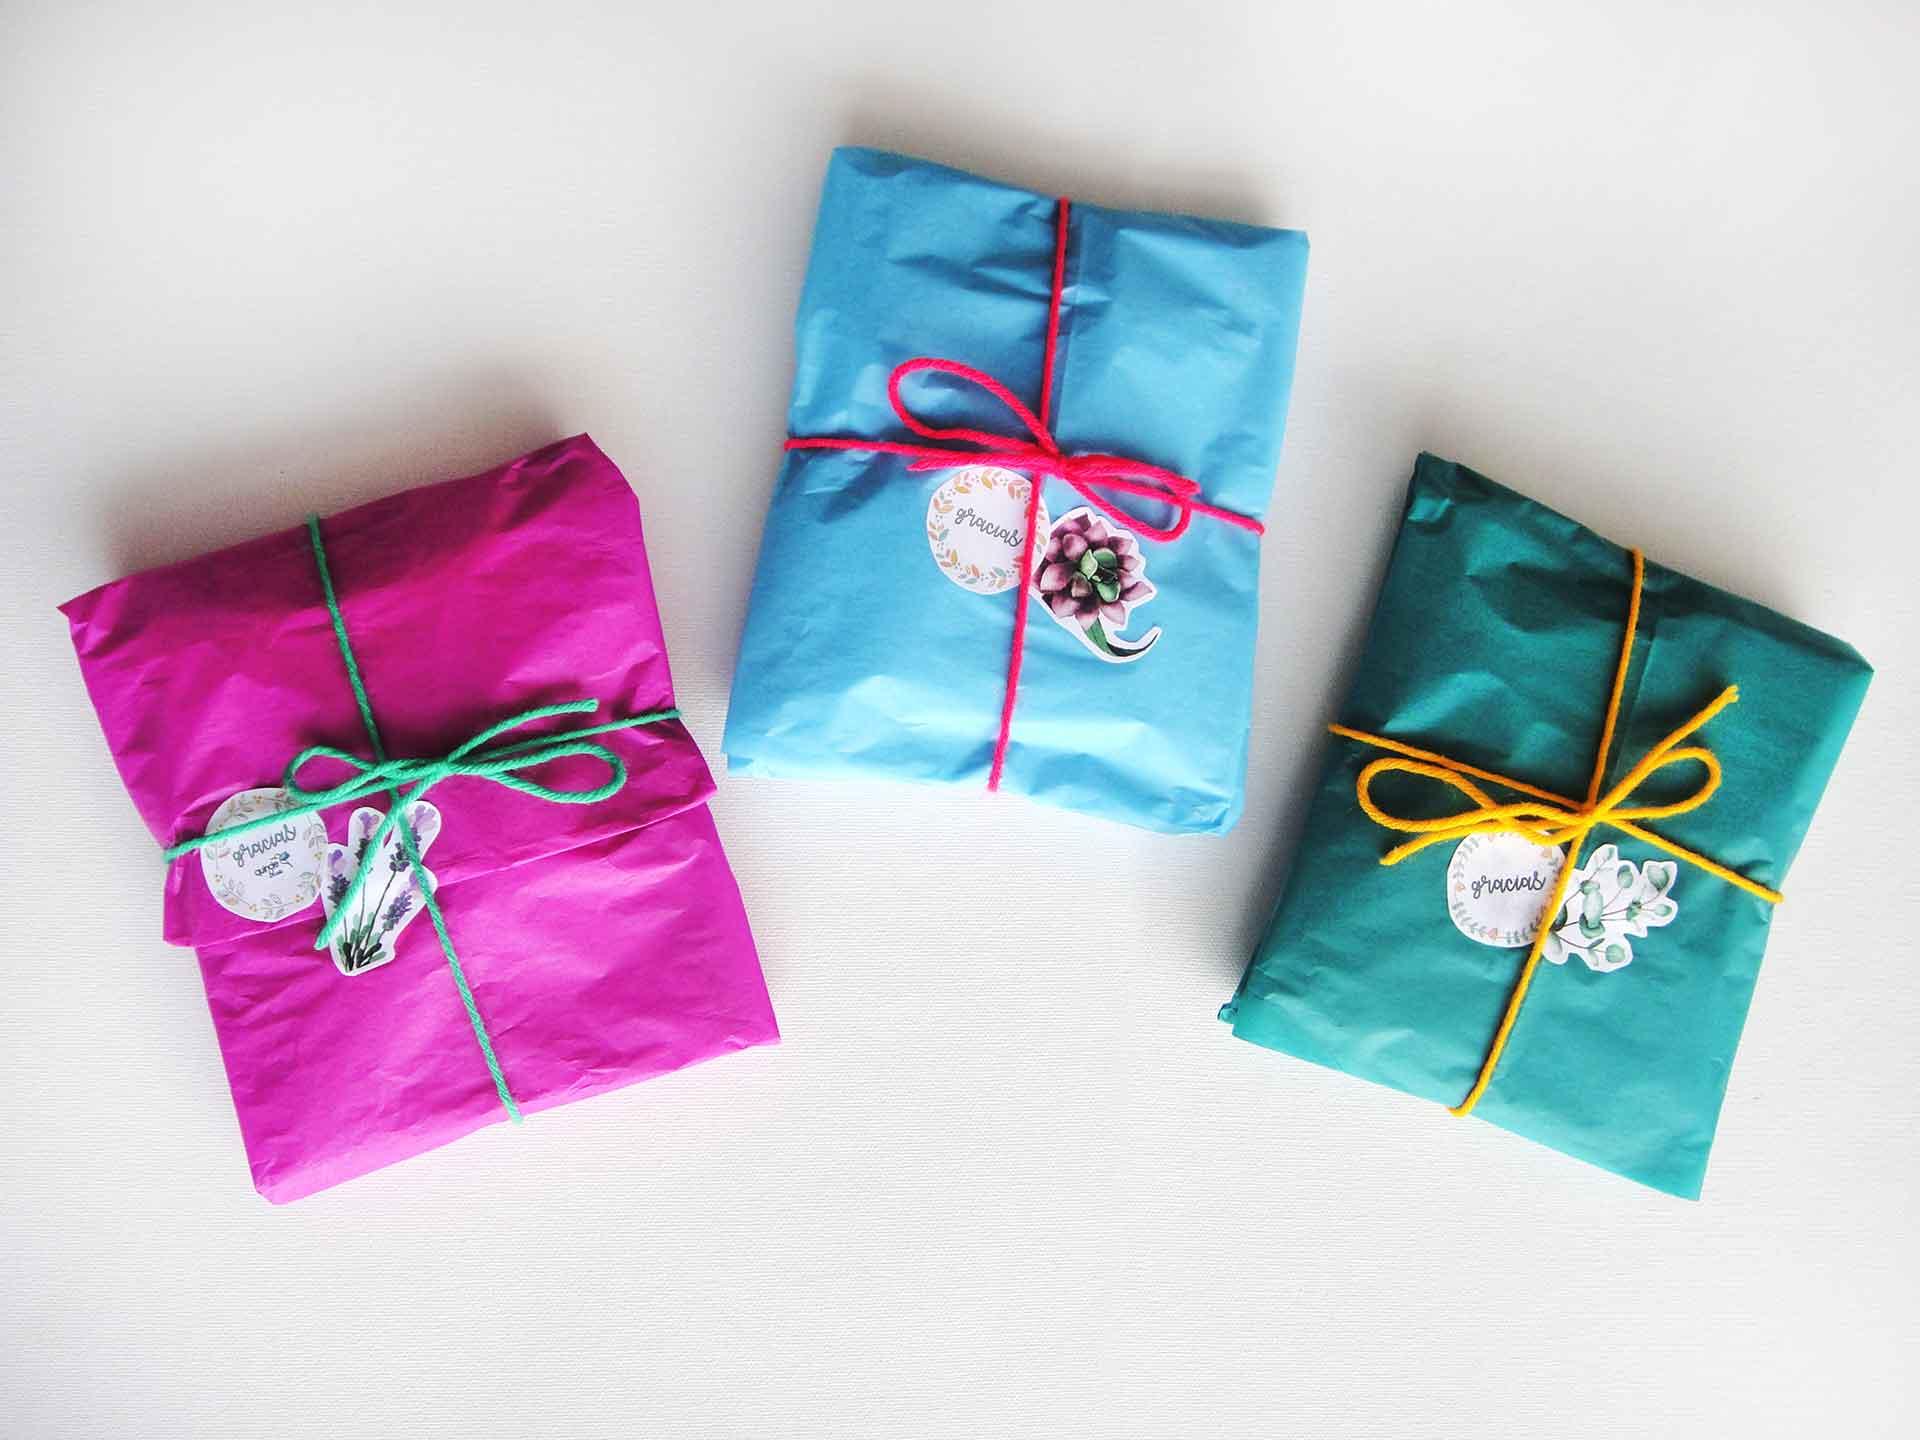 regalos-personalizados-domicilio-quindeblue